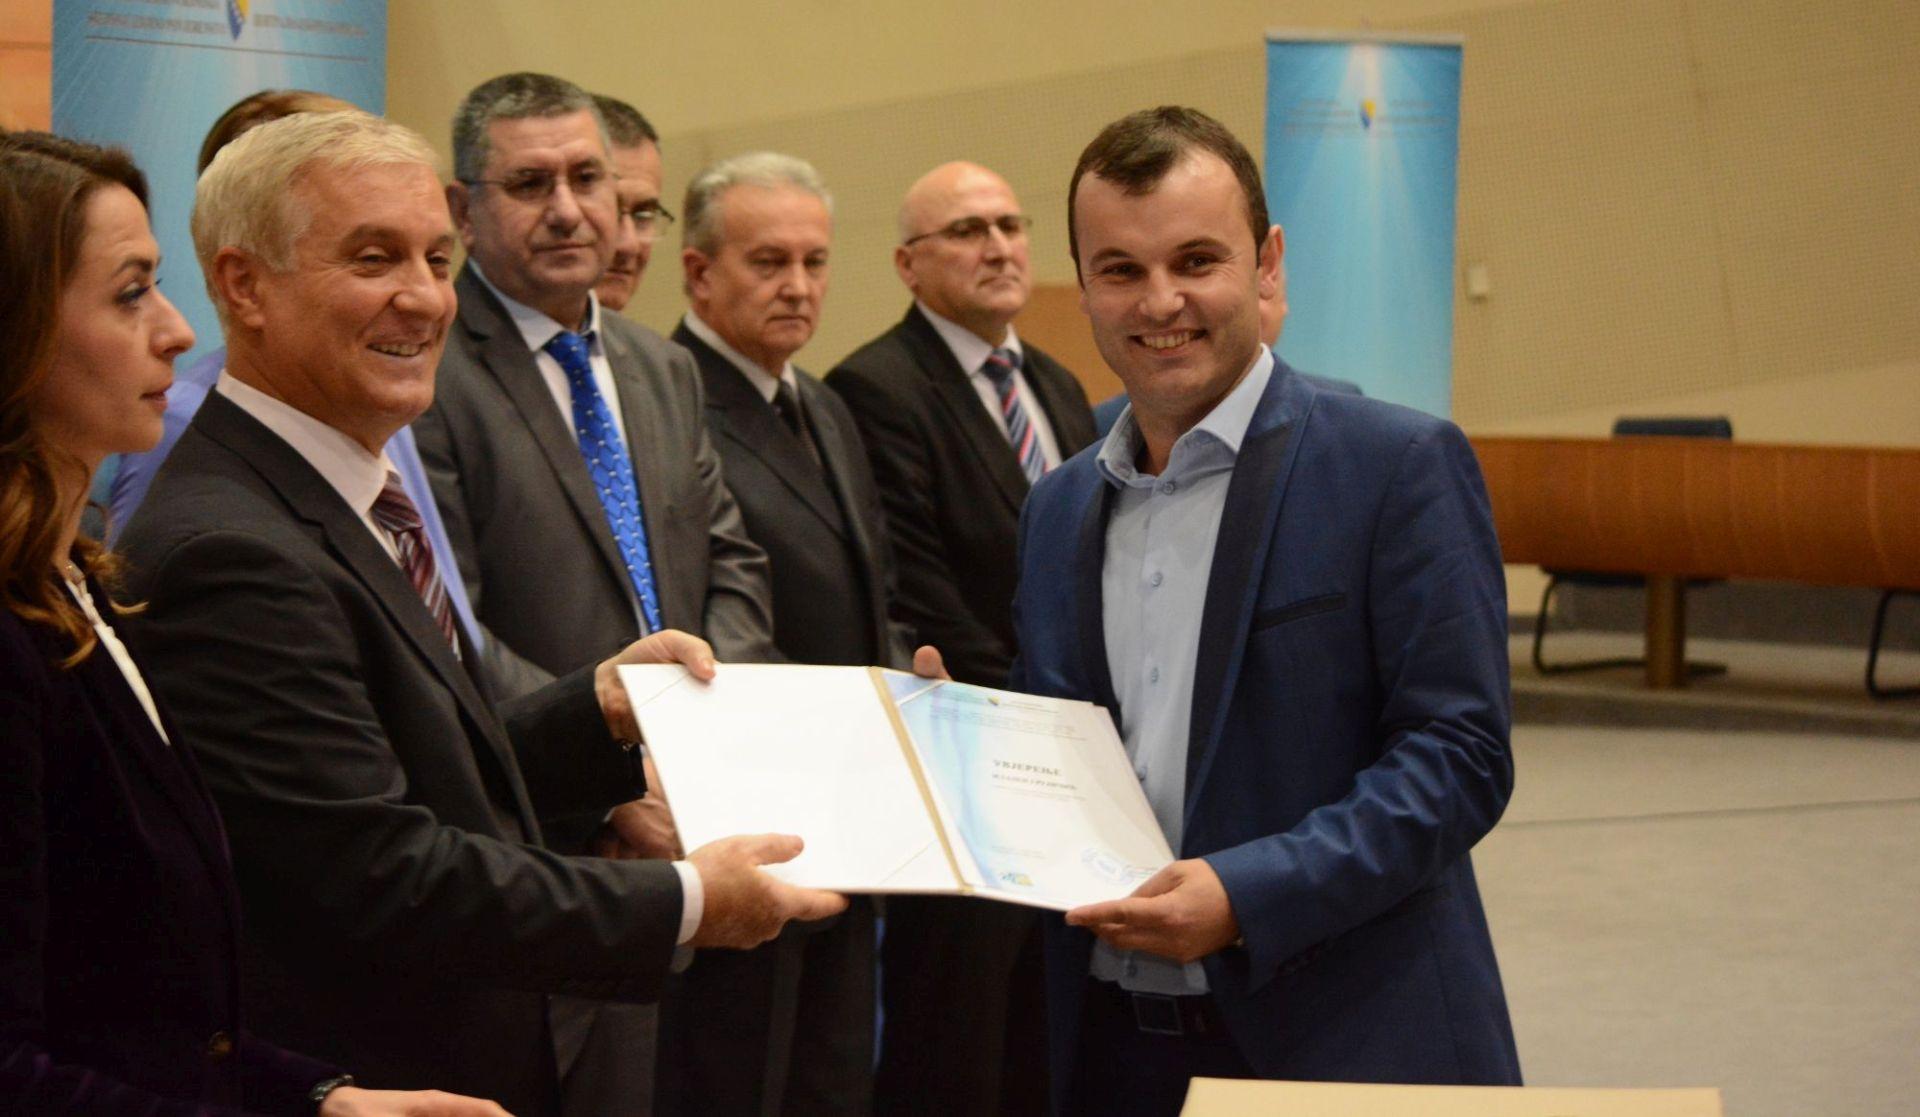 Bošnjački načelnici napustili dvoranu zbog Fikreta Abdića